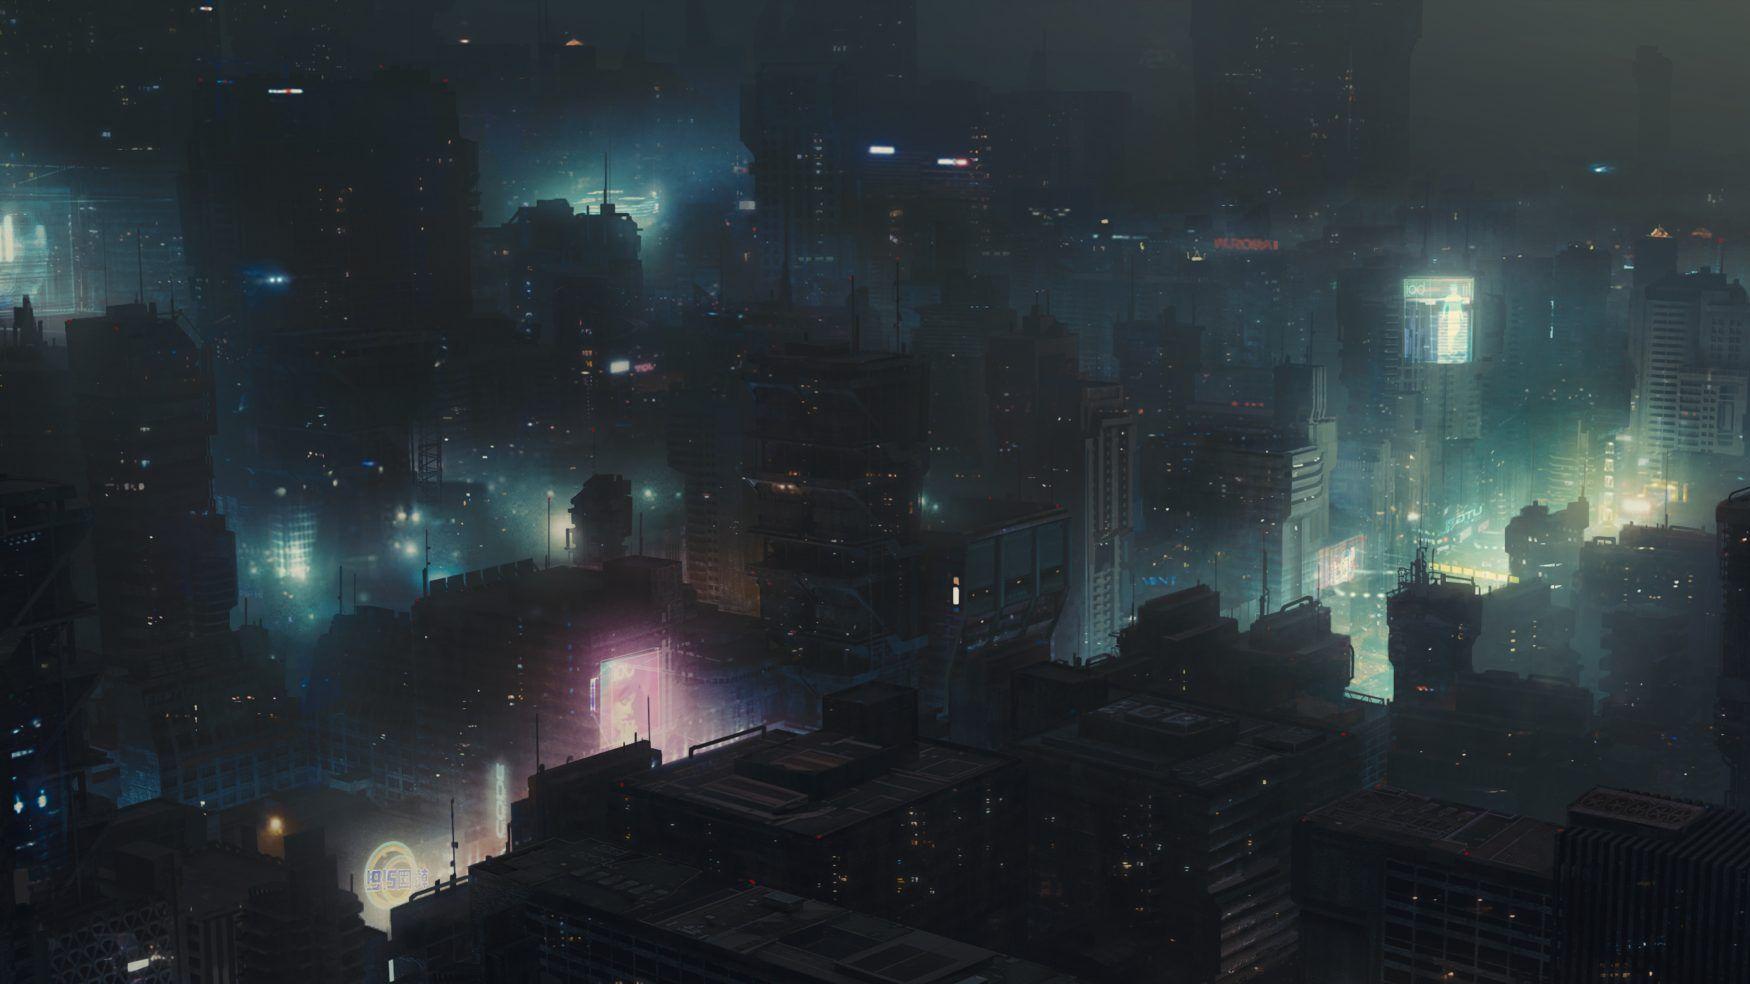 La ville de Blade Runner 2049, un film résolument cyberpunk